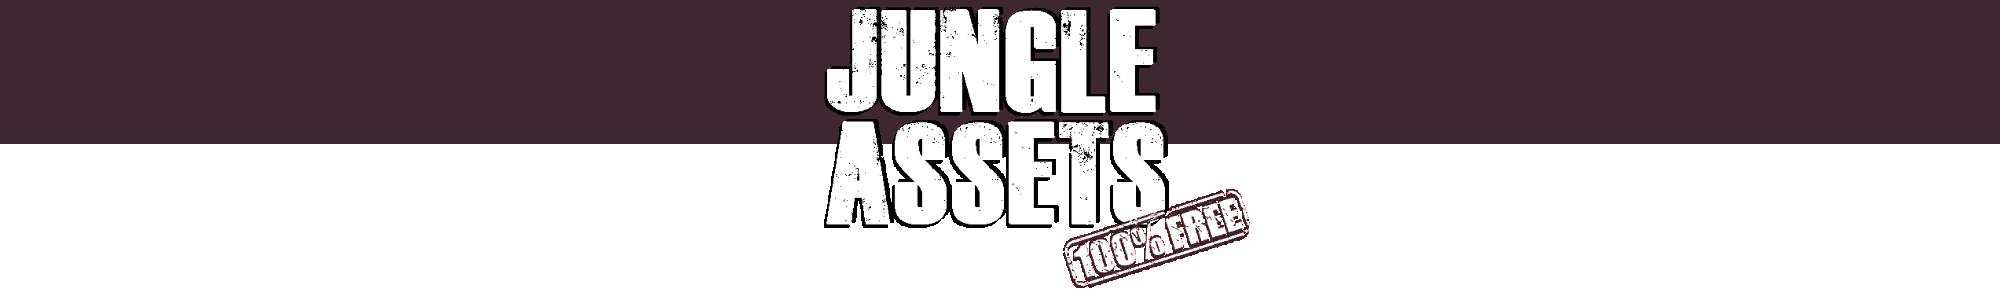 Jungle platformer assets